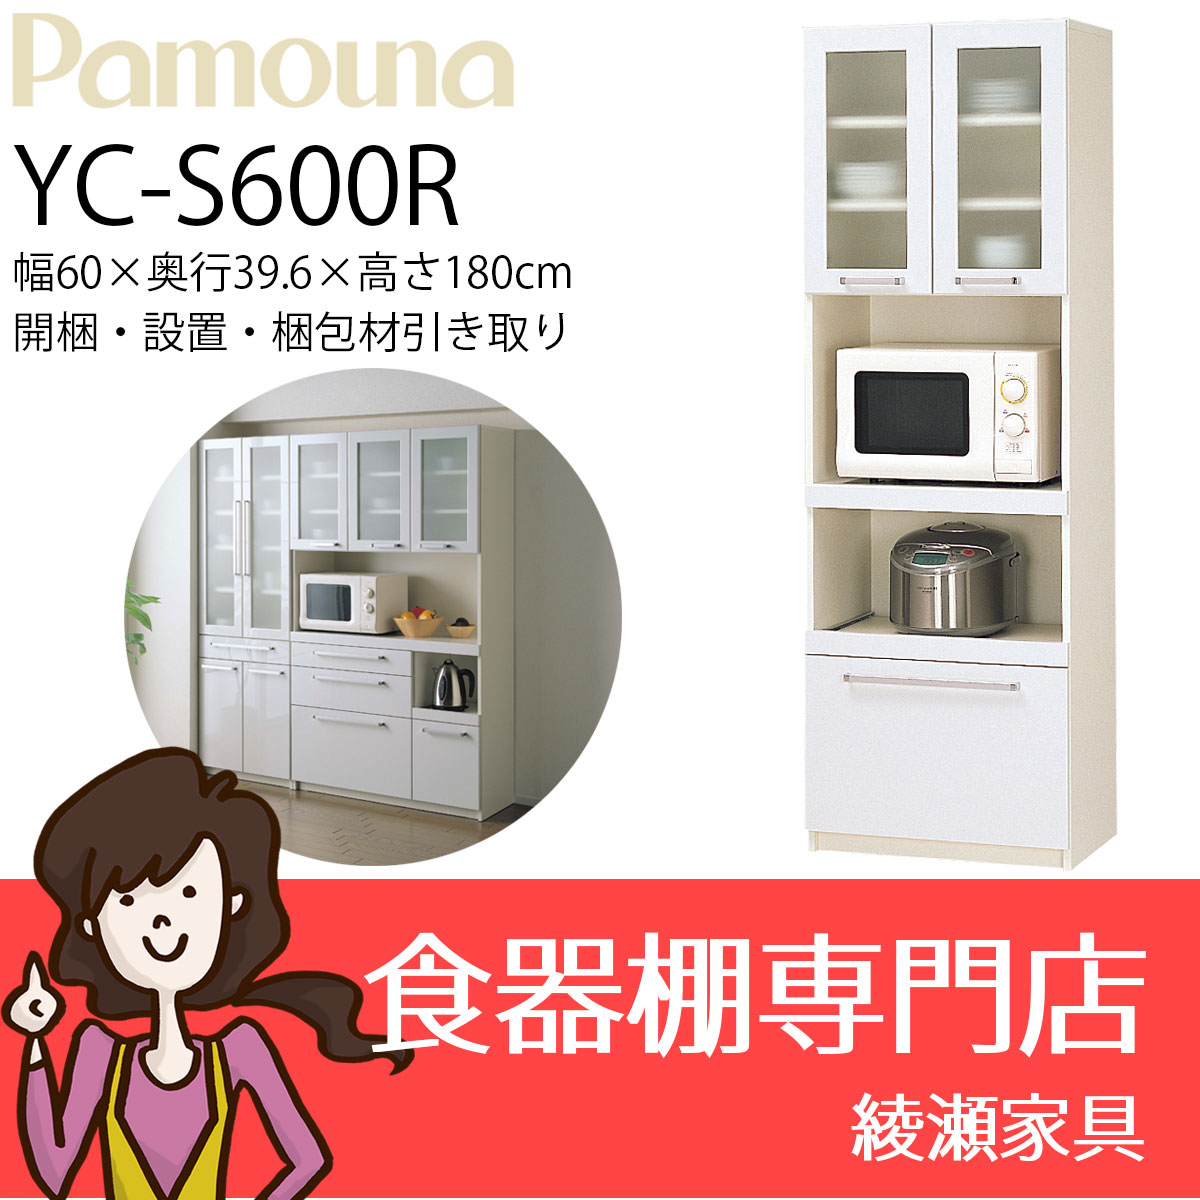 YC-S600R 【本州、四国は開梱設置無料】 パモウナ YC 食器棚 家電ボード 幅60×高さ180cm プレーンホワイト YC-S600R パモウナ 頑丈食器棚 パモウナ食器棚